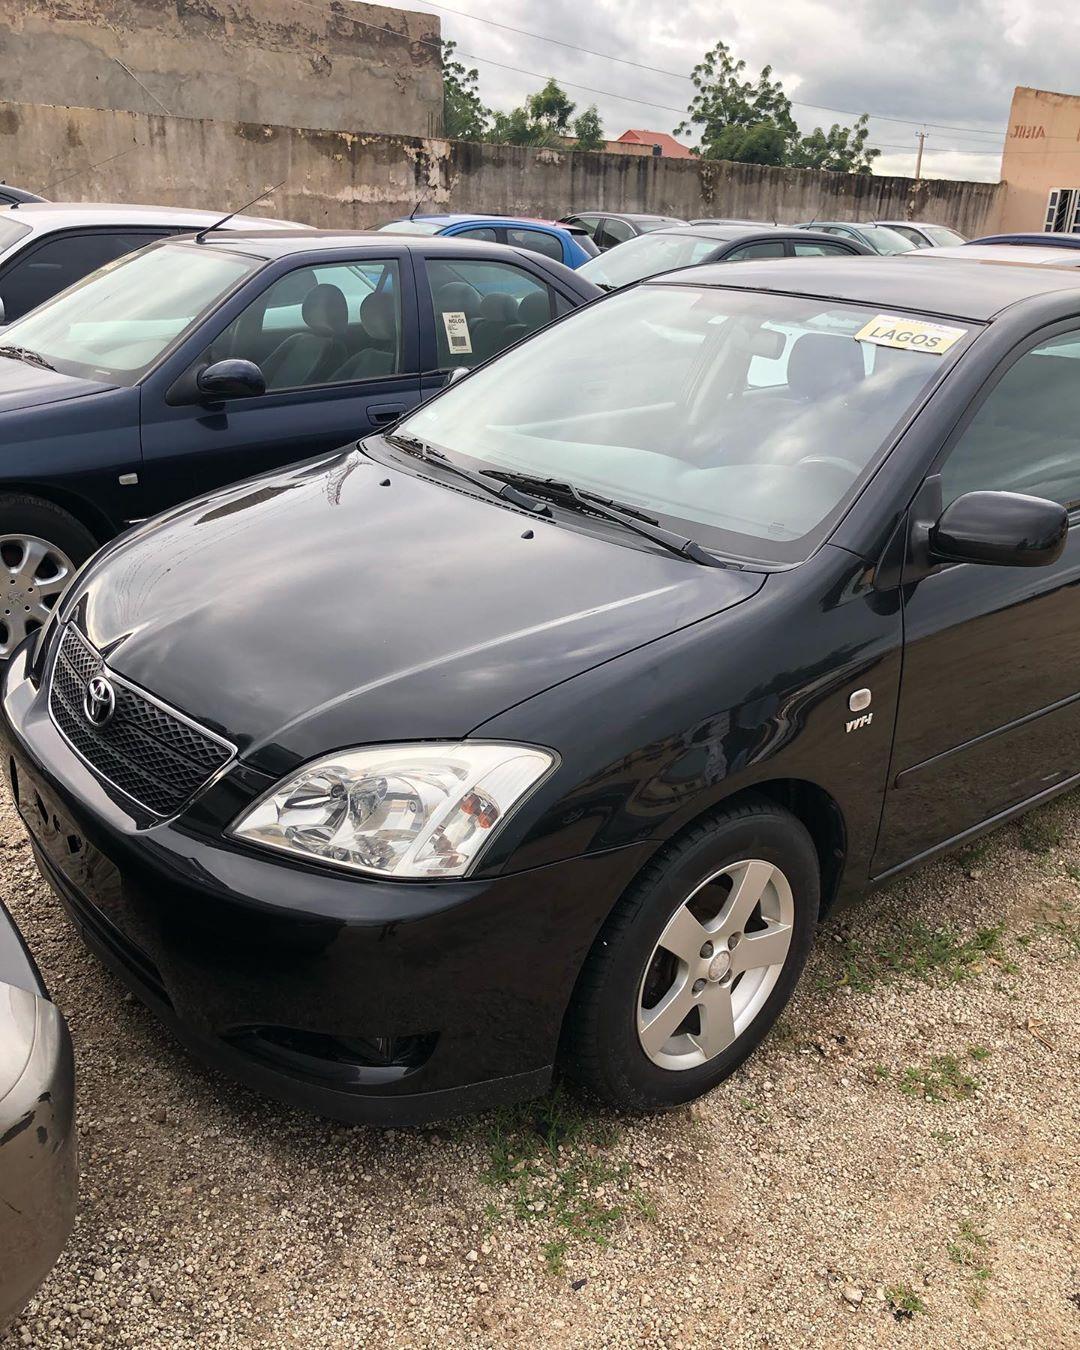 [组图/Carousel]ANOTHER ONE!!! Hatchback Toyota Corolla